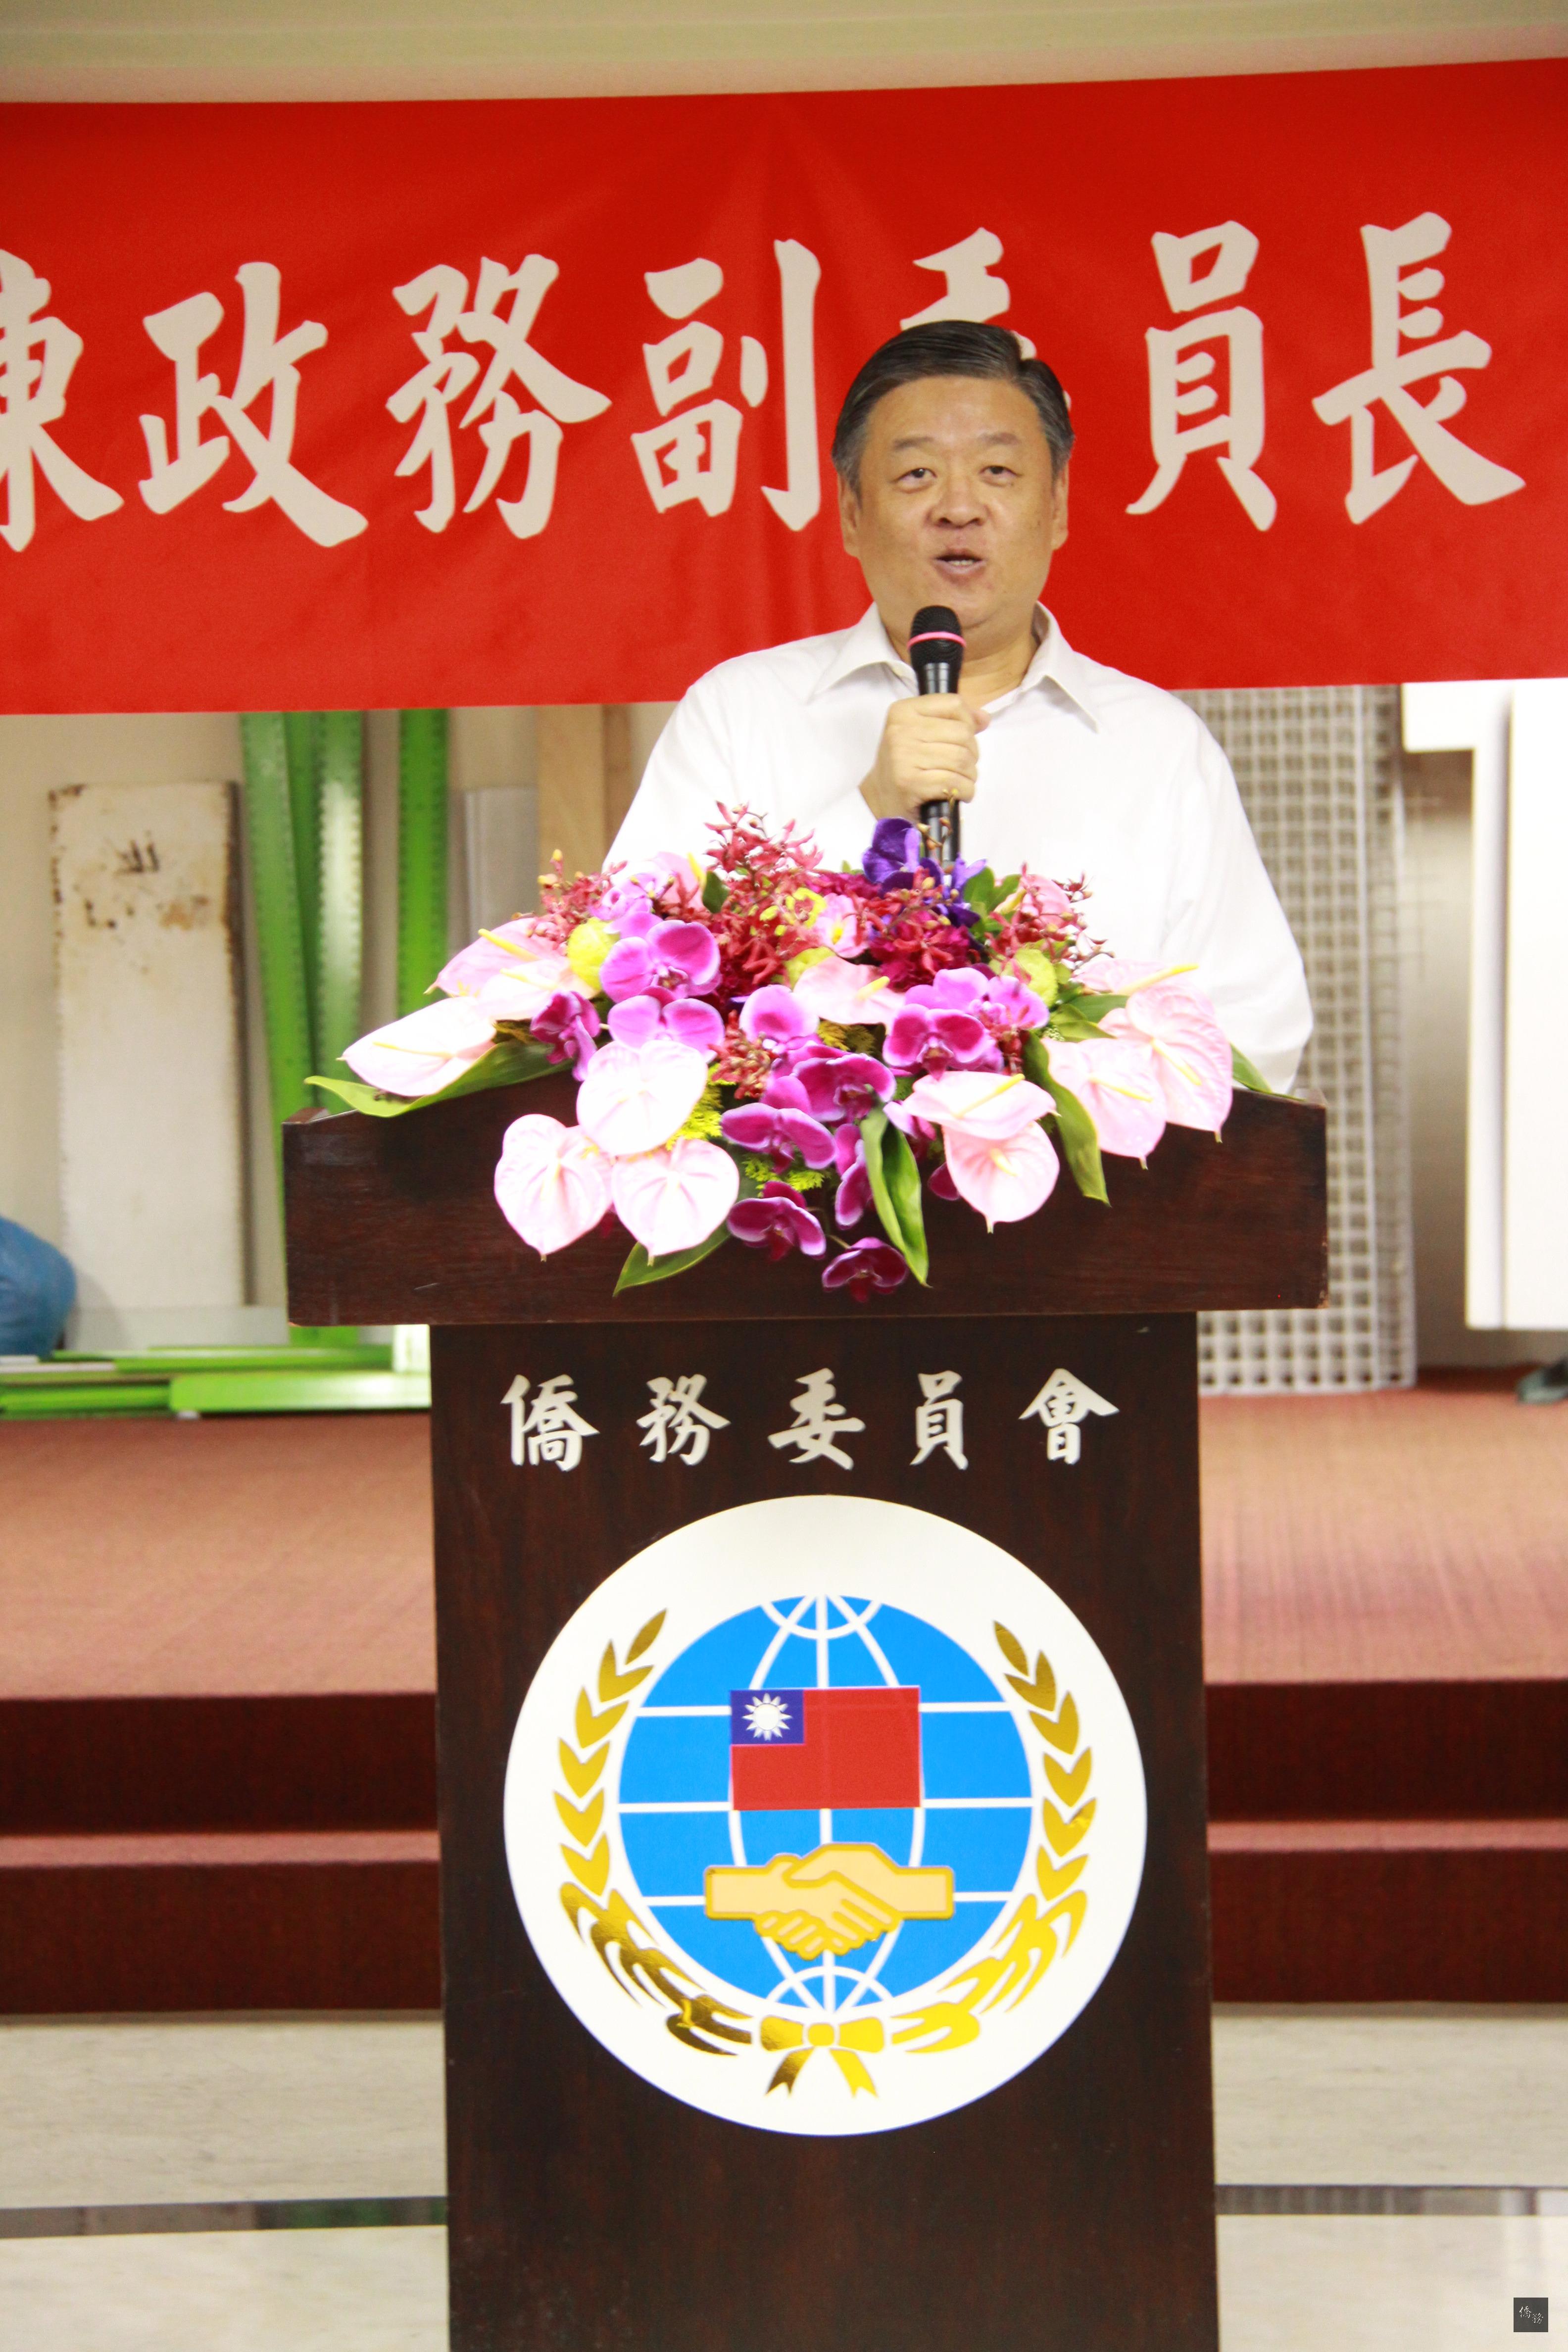 僑委會副委員長呂元榮代表同仁致詞,歡送陳玉梅。